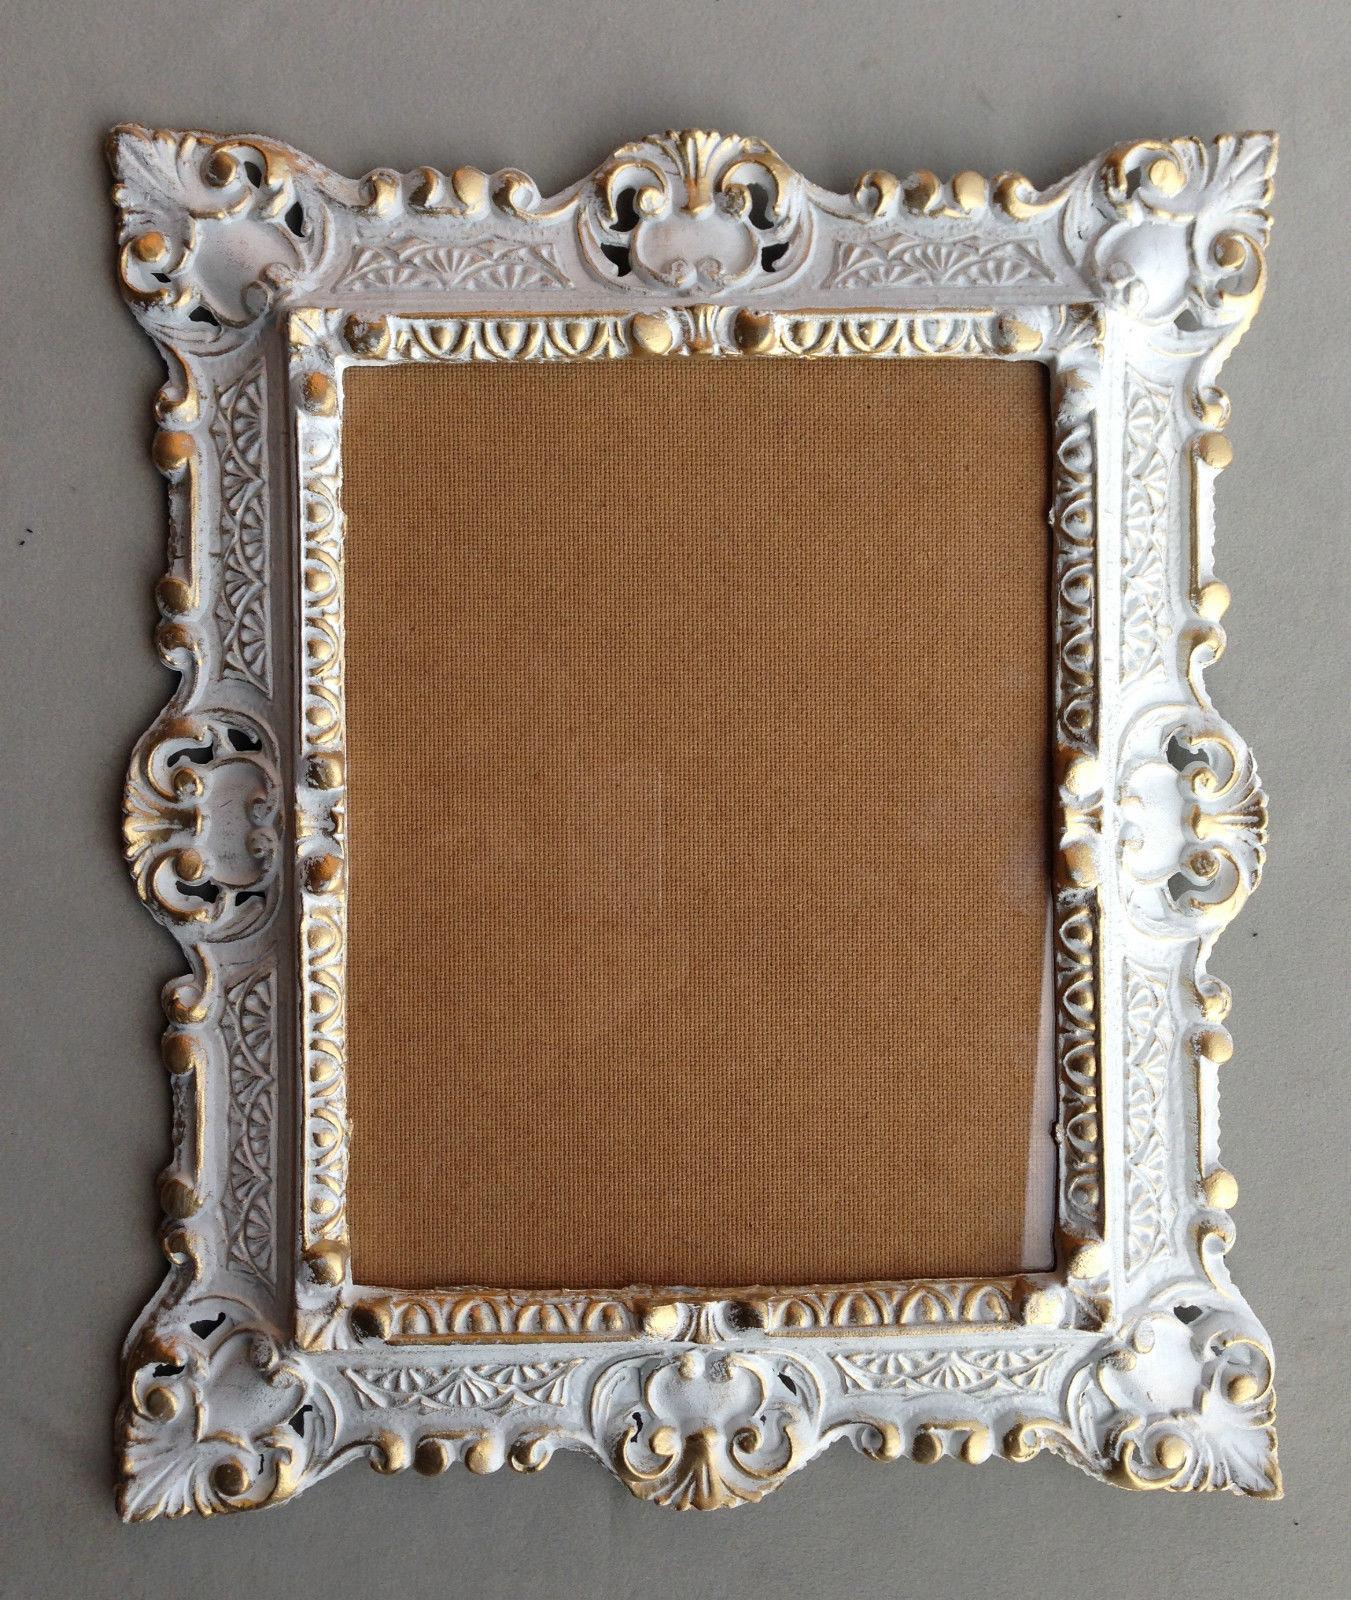 Ausgezeichnet Maßzuschnitt Glas Für Bilderrahmen Ideen ...